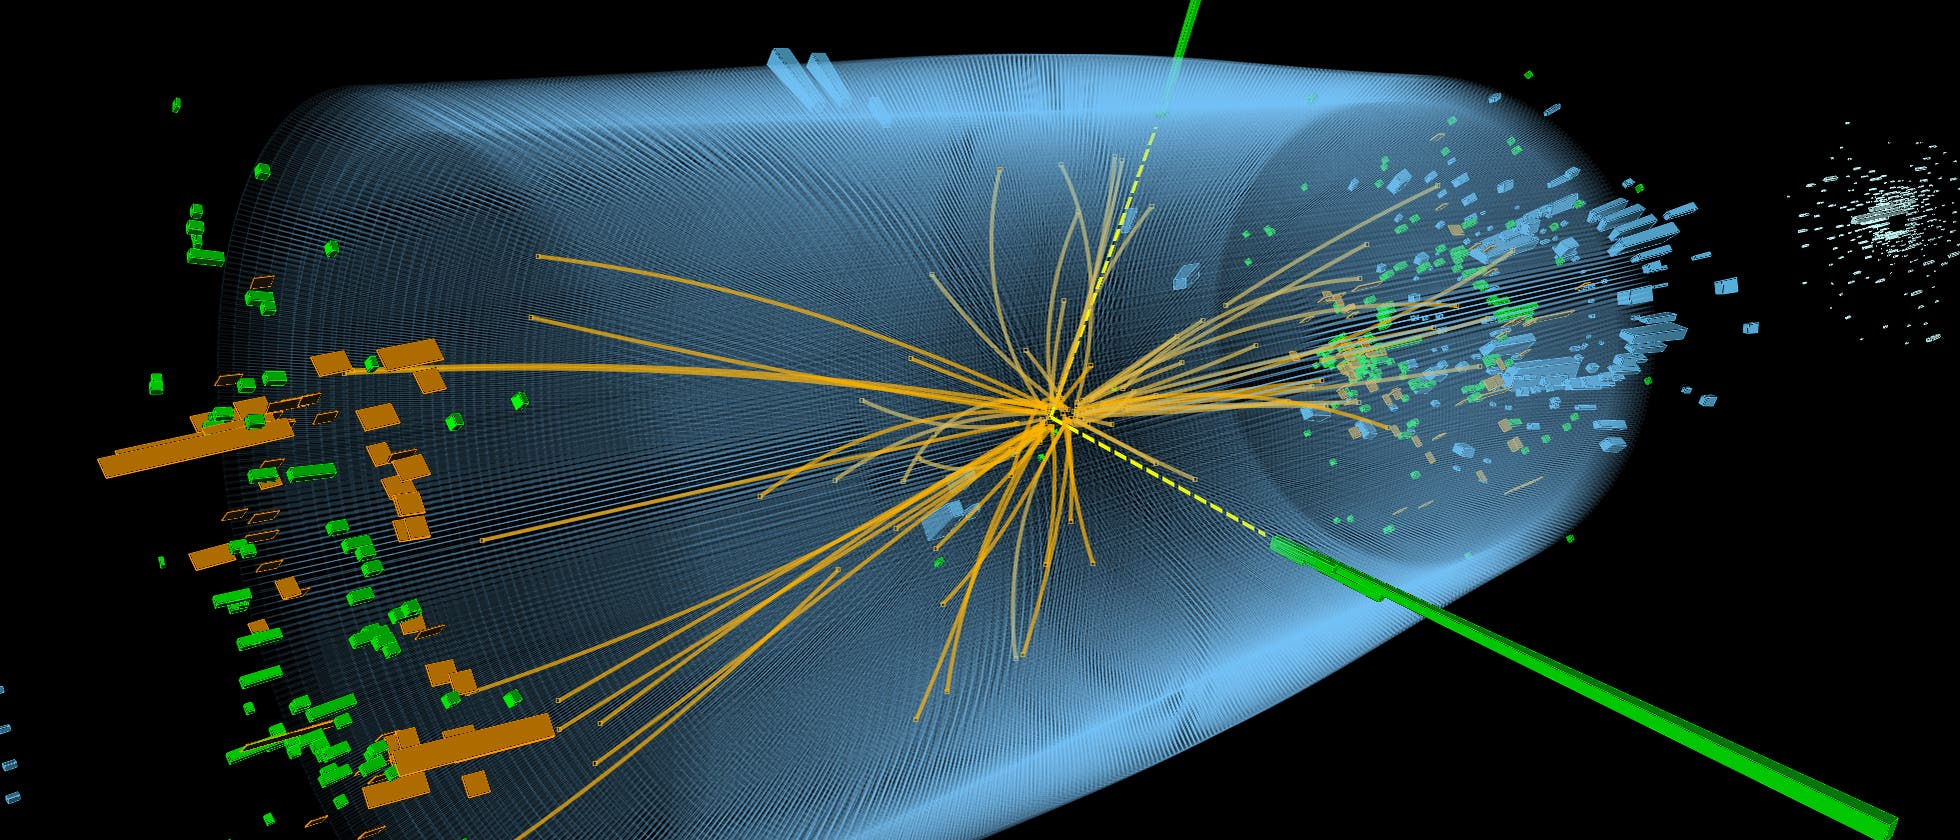 Protonenkollision CERN